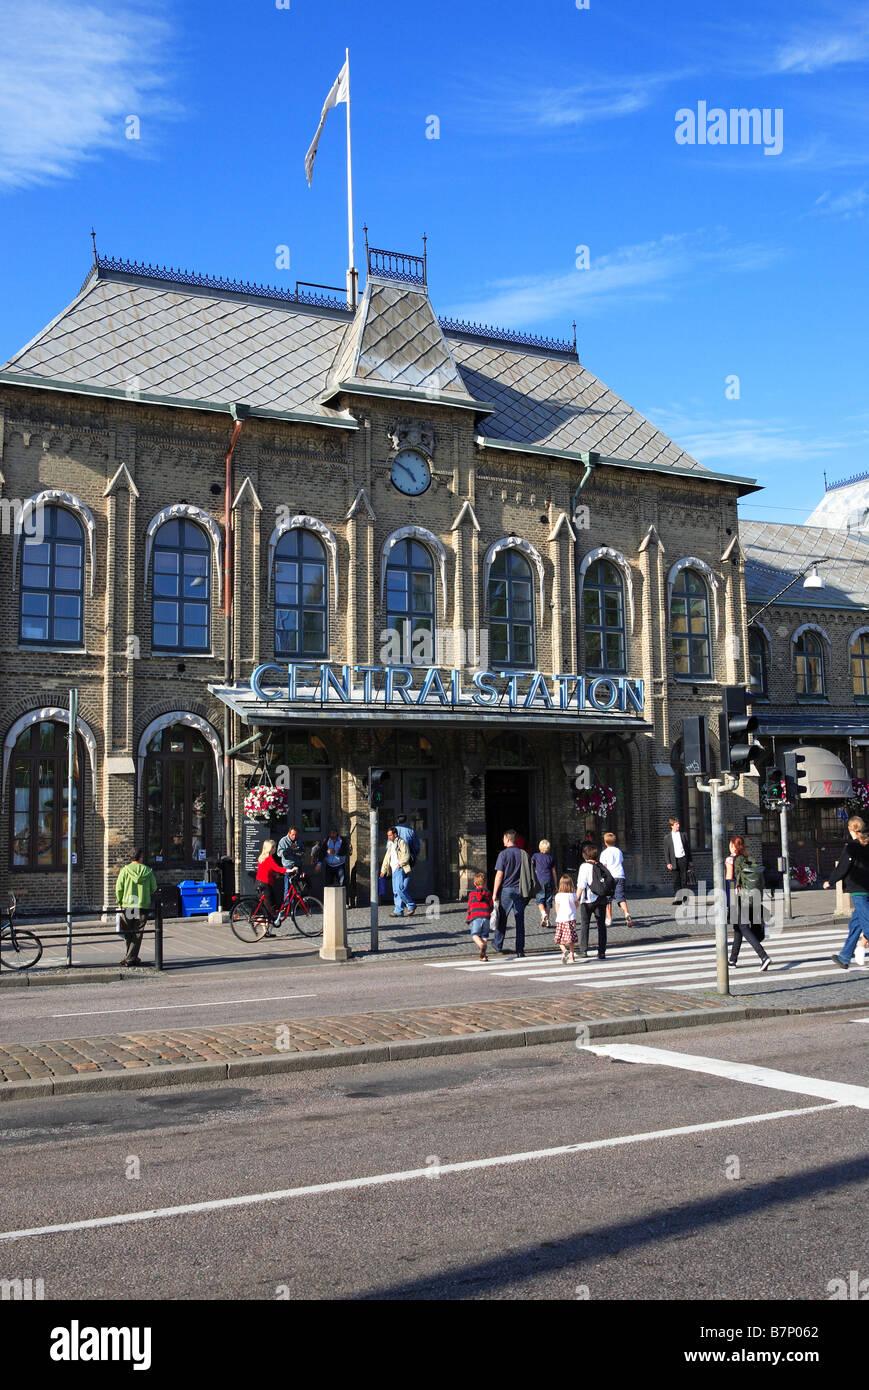 FOREX Bank Stockholm på T-banehall Centralstation | blogger.com